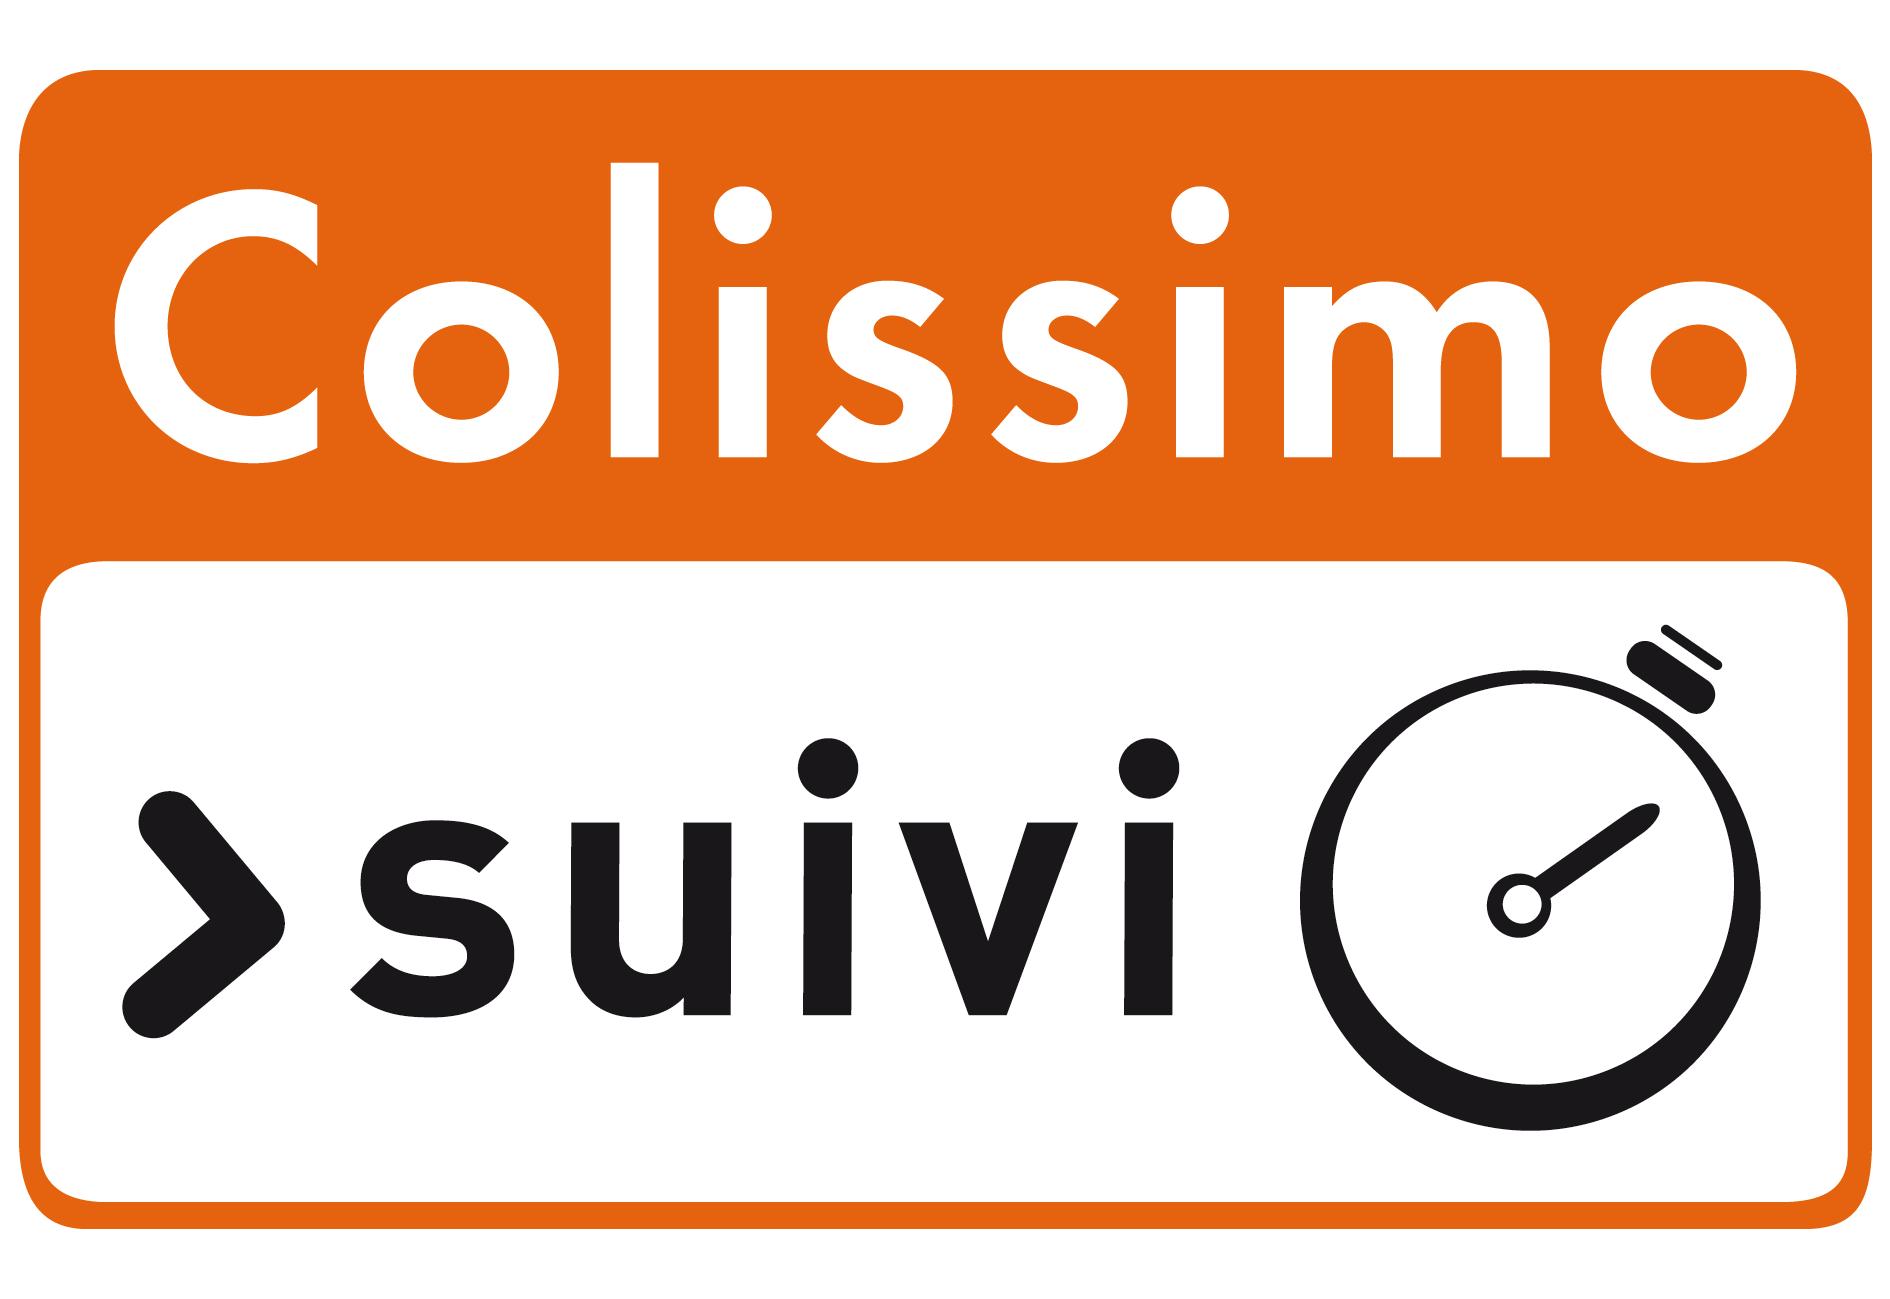 Colissimo suivi